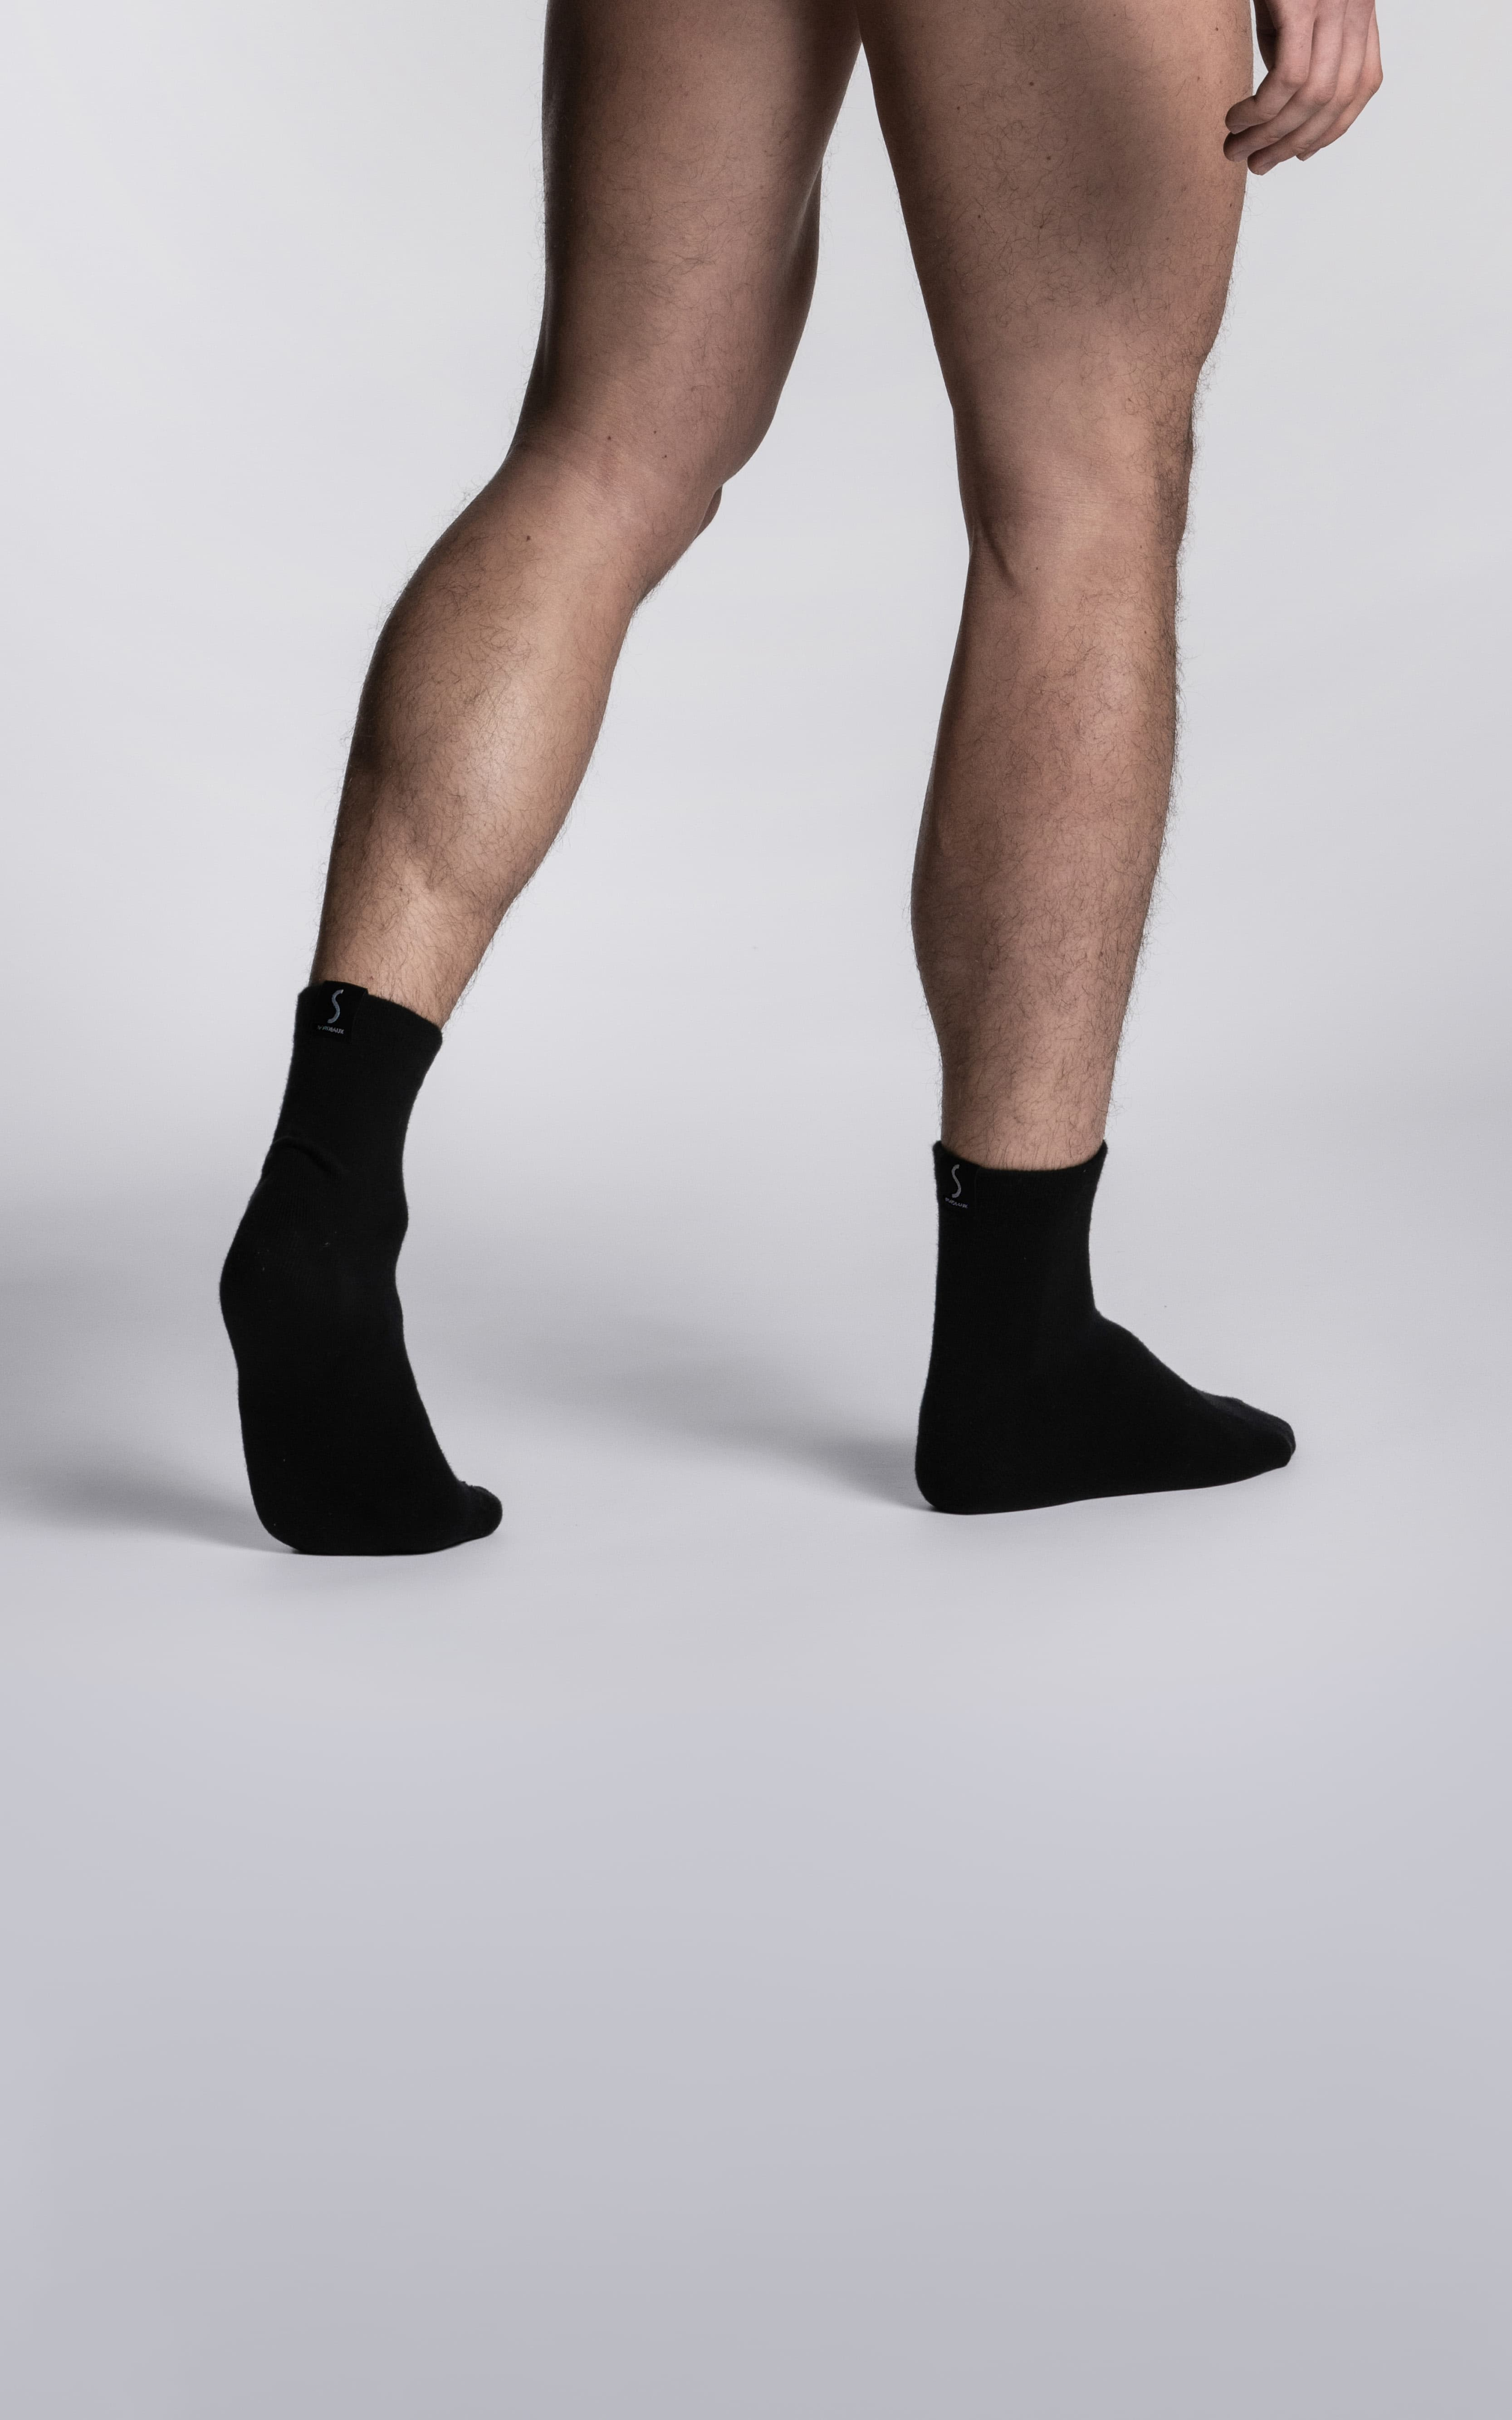 Paire de chaussettes noires socquettes pour homme de la marque S BORDEAUX